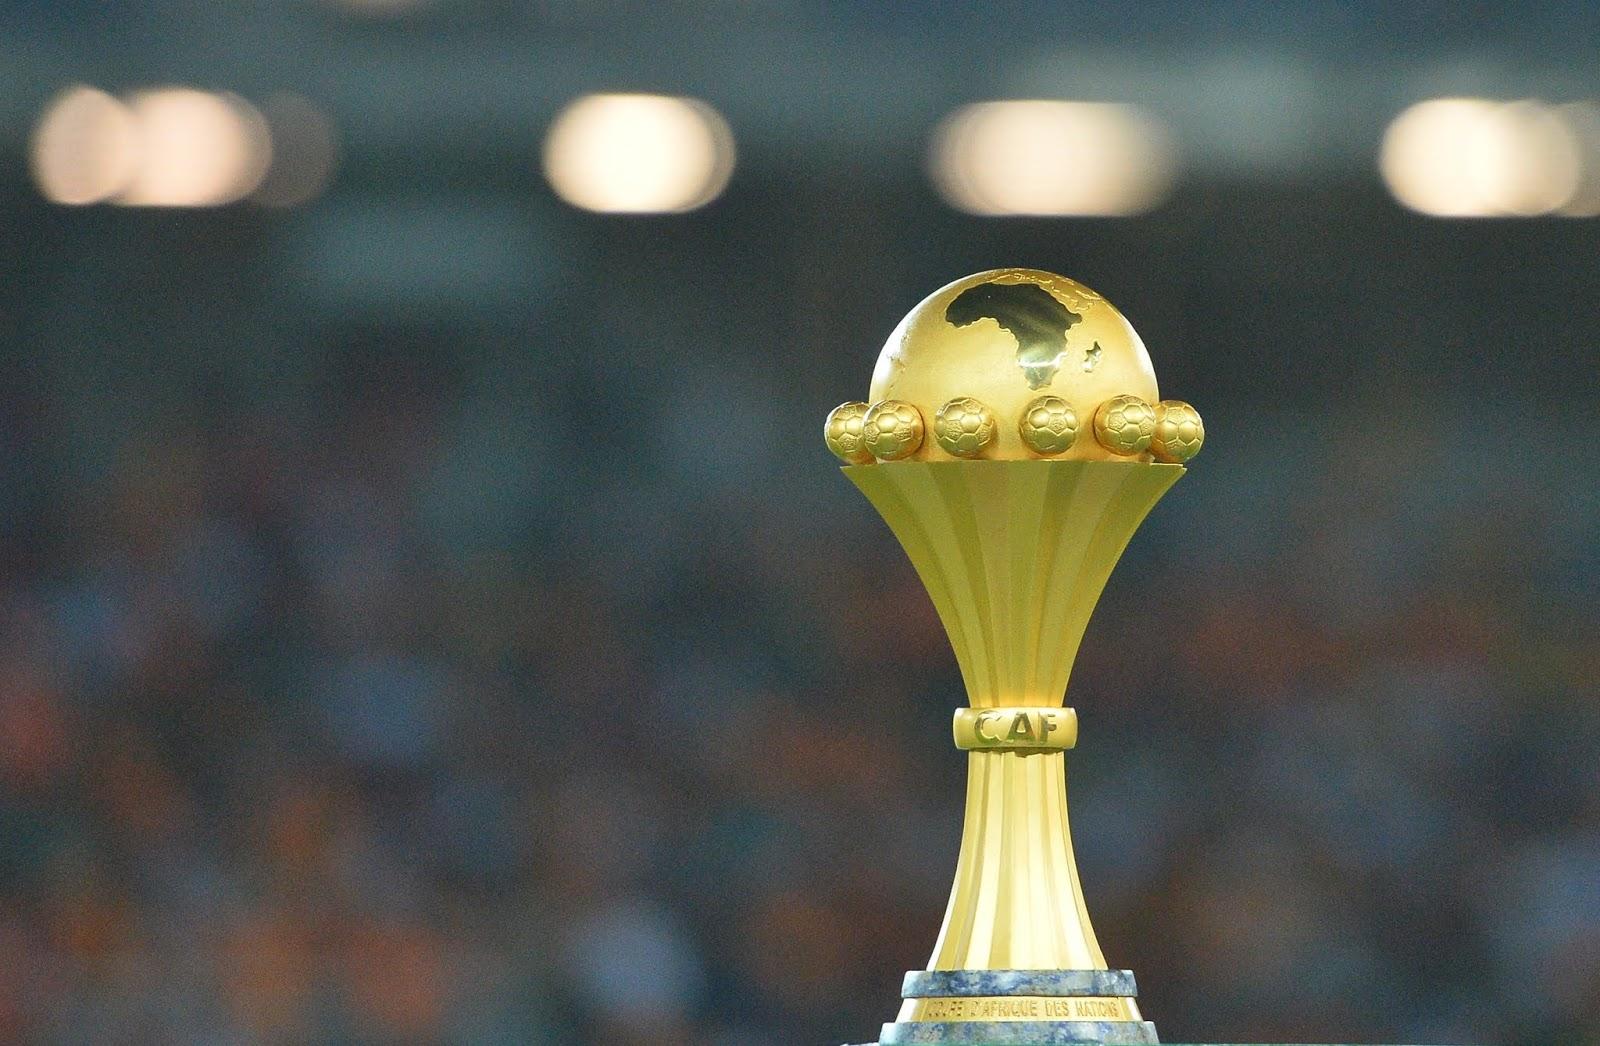 تاجيل قرعة نهائيات كأس الأمم الافريقية لكرة القدم